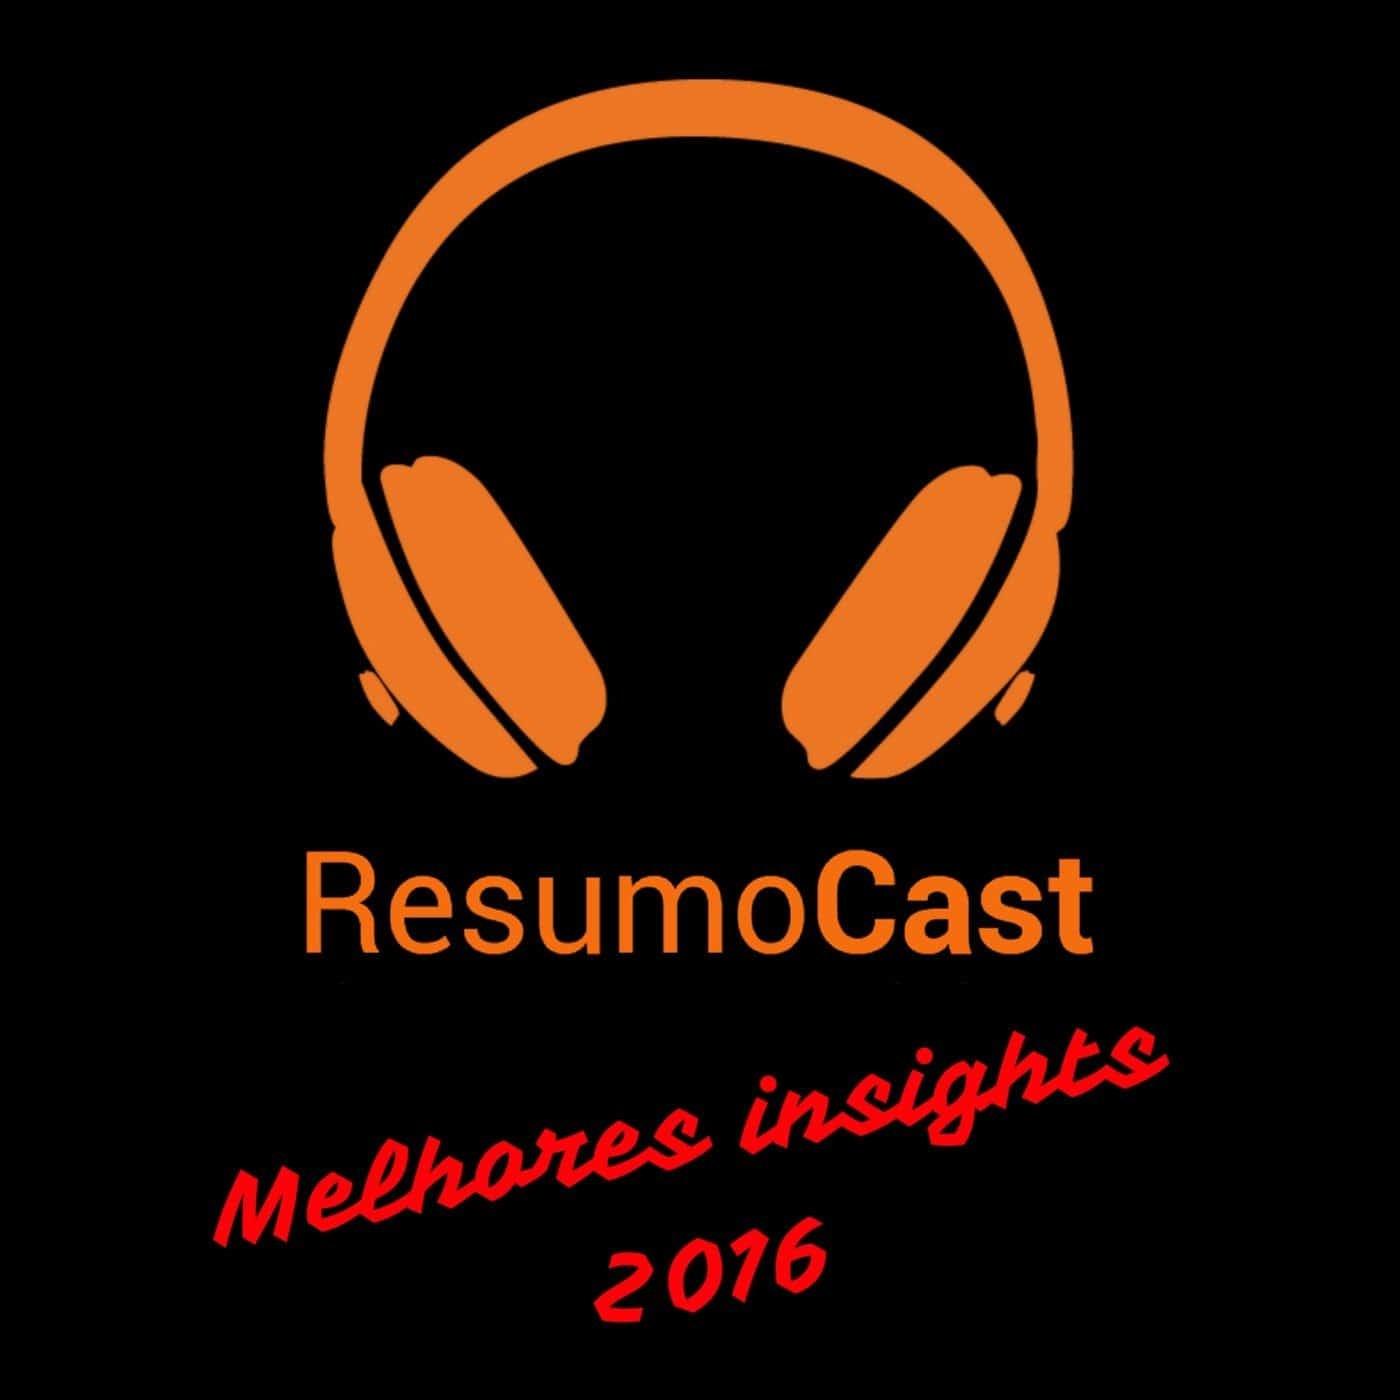 Melhores Insights de 2016 | T1#051